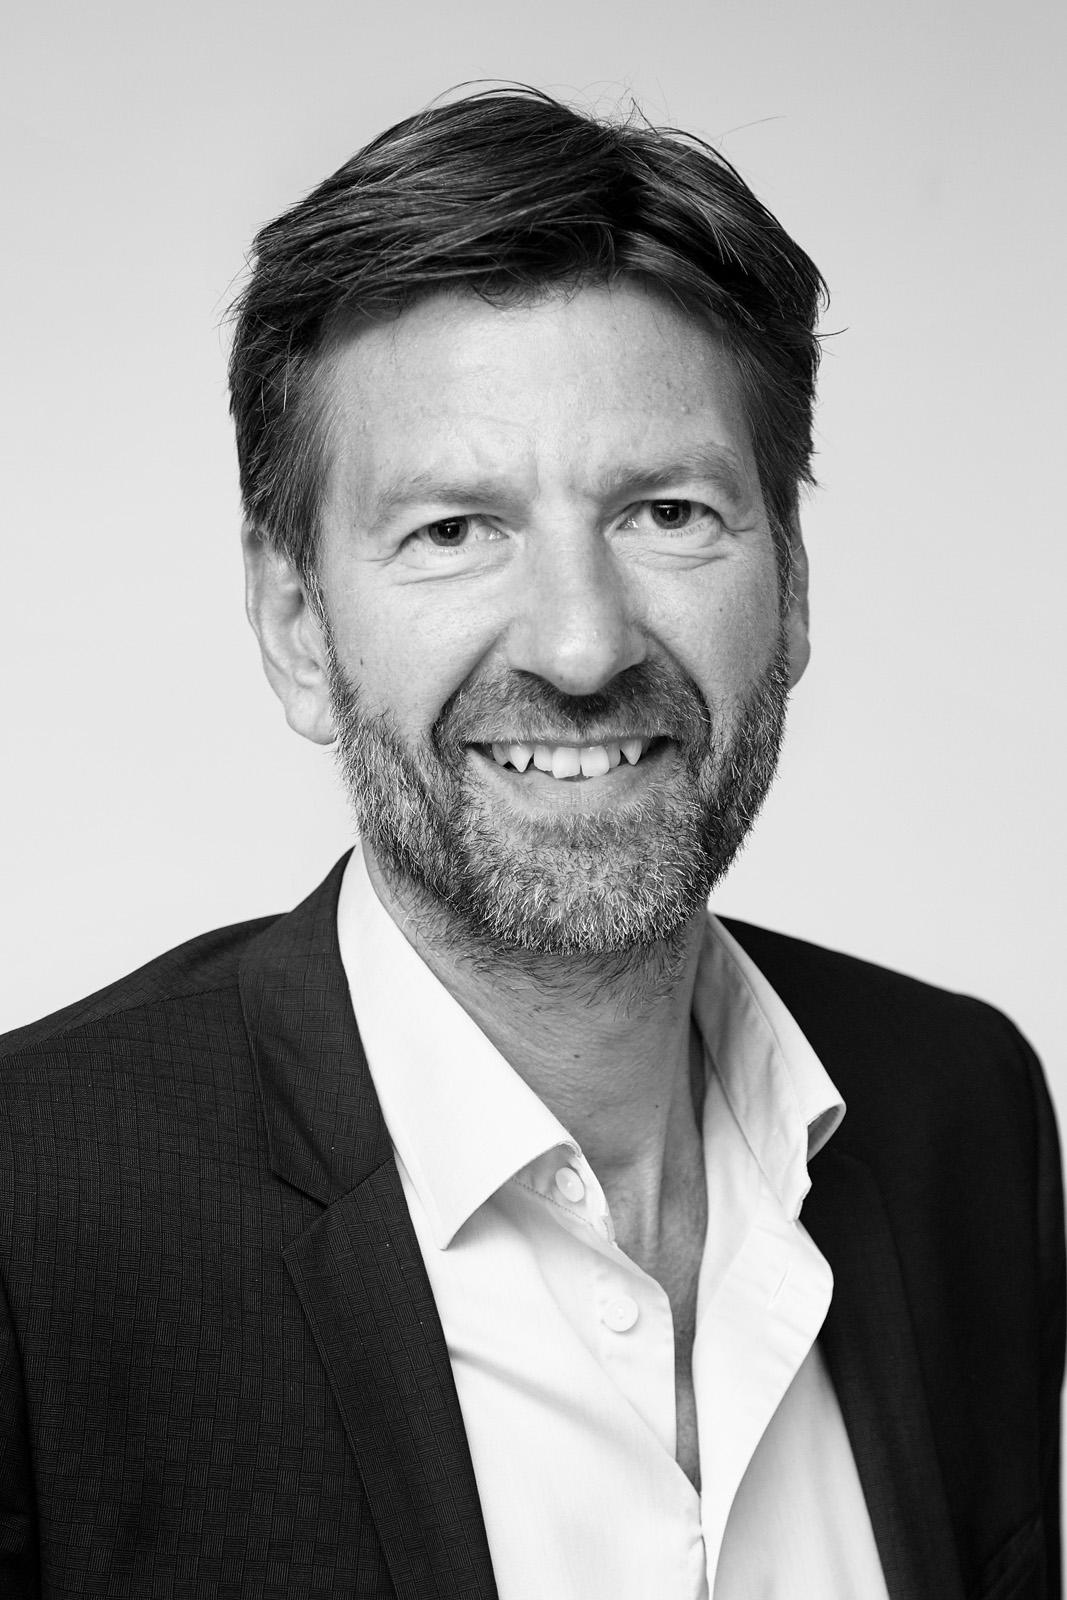 Mikael Qvist Rørsted